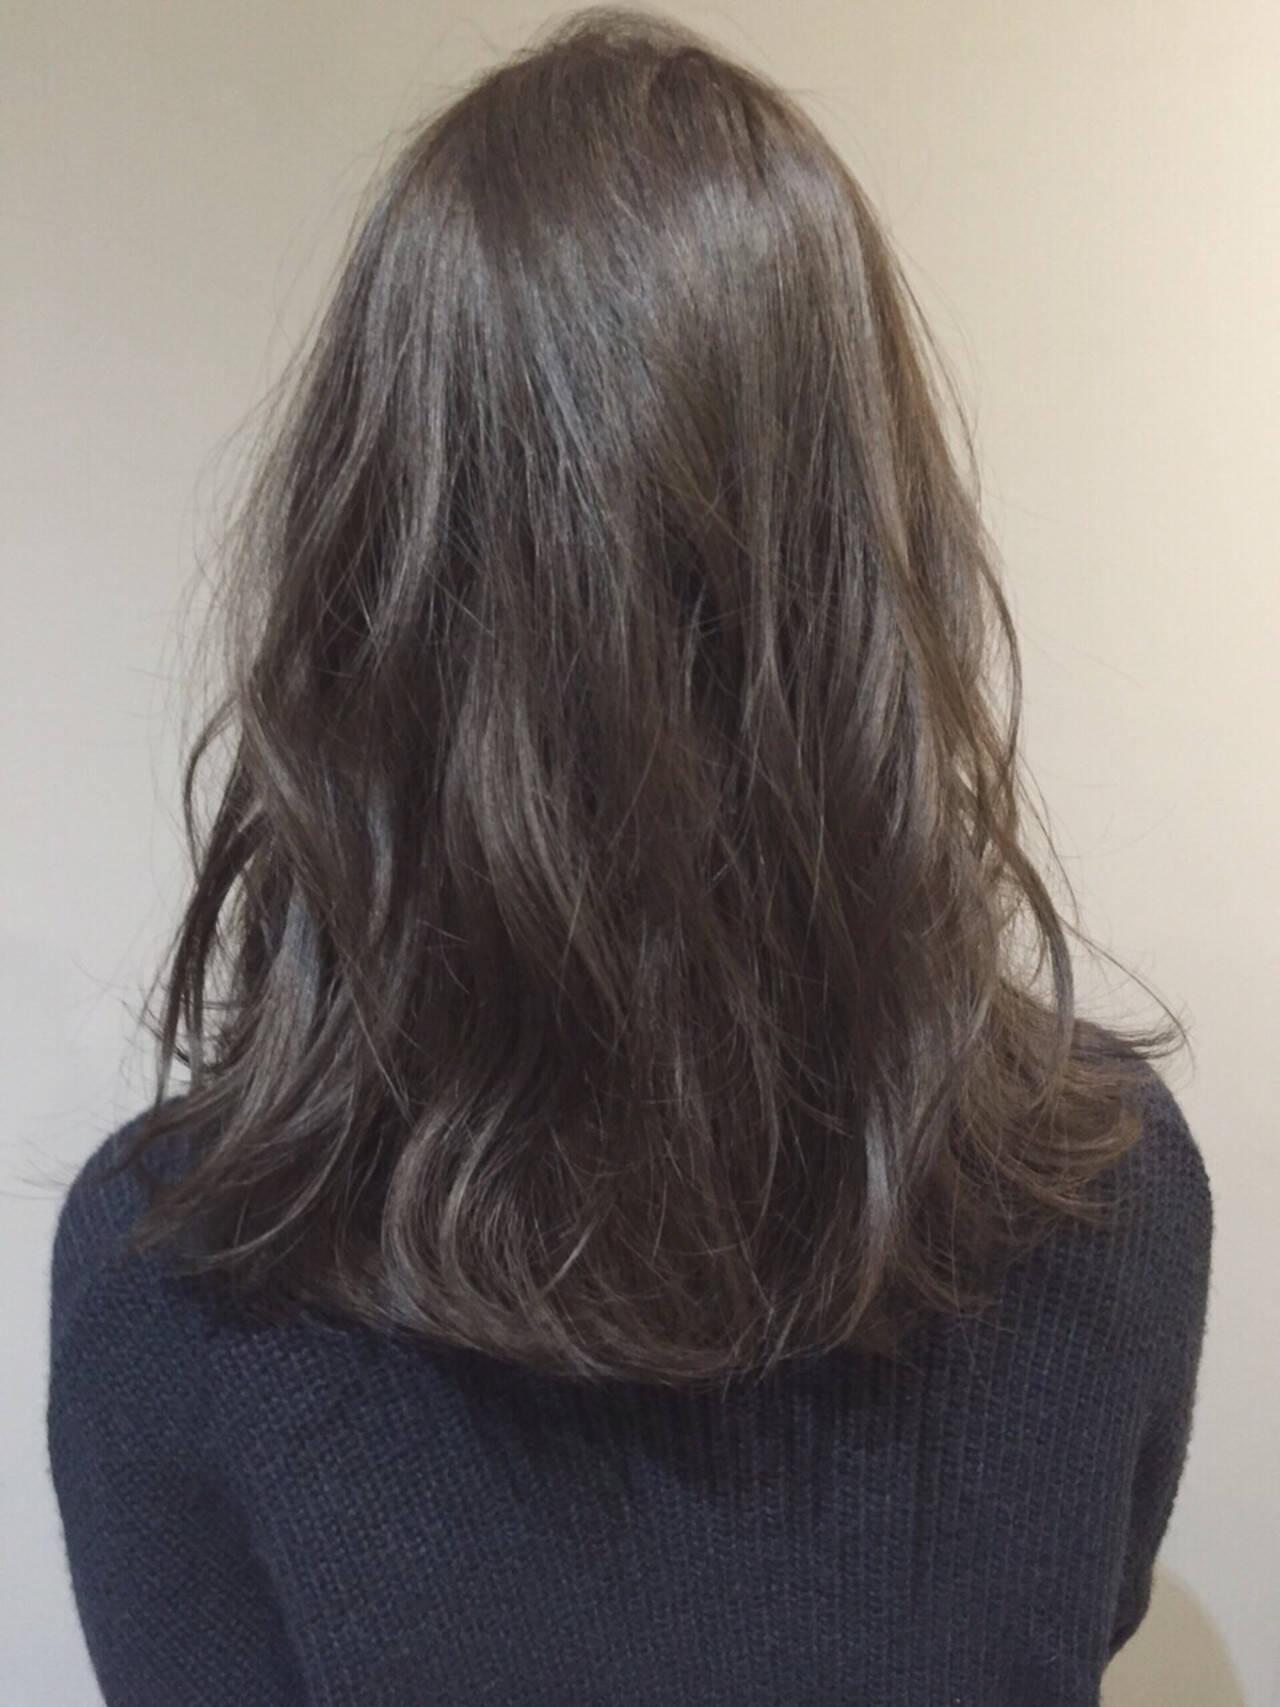 ナチュラル ネイビー セミロング ブリーチなしヘアスタイルや髪型の写真・画像